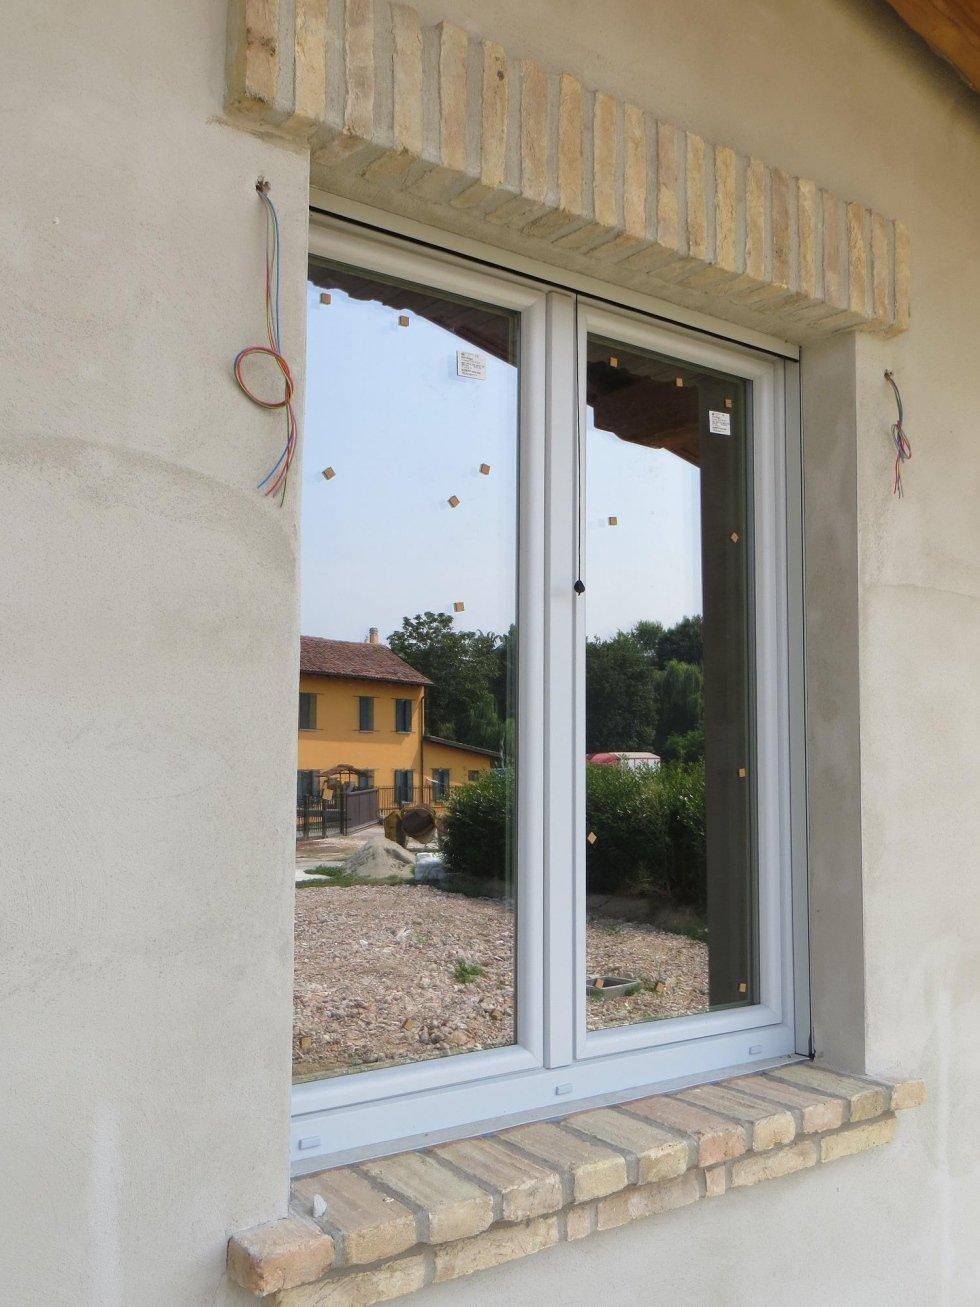 vista esterna di una finestra con fili penzolanti